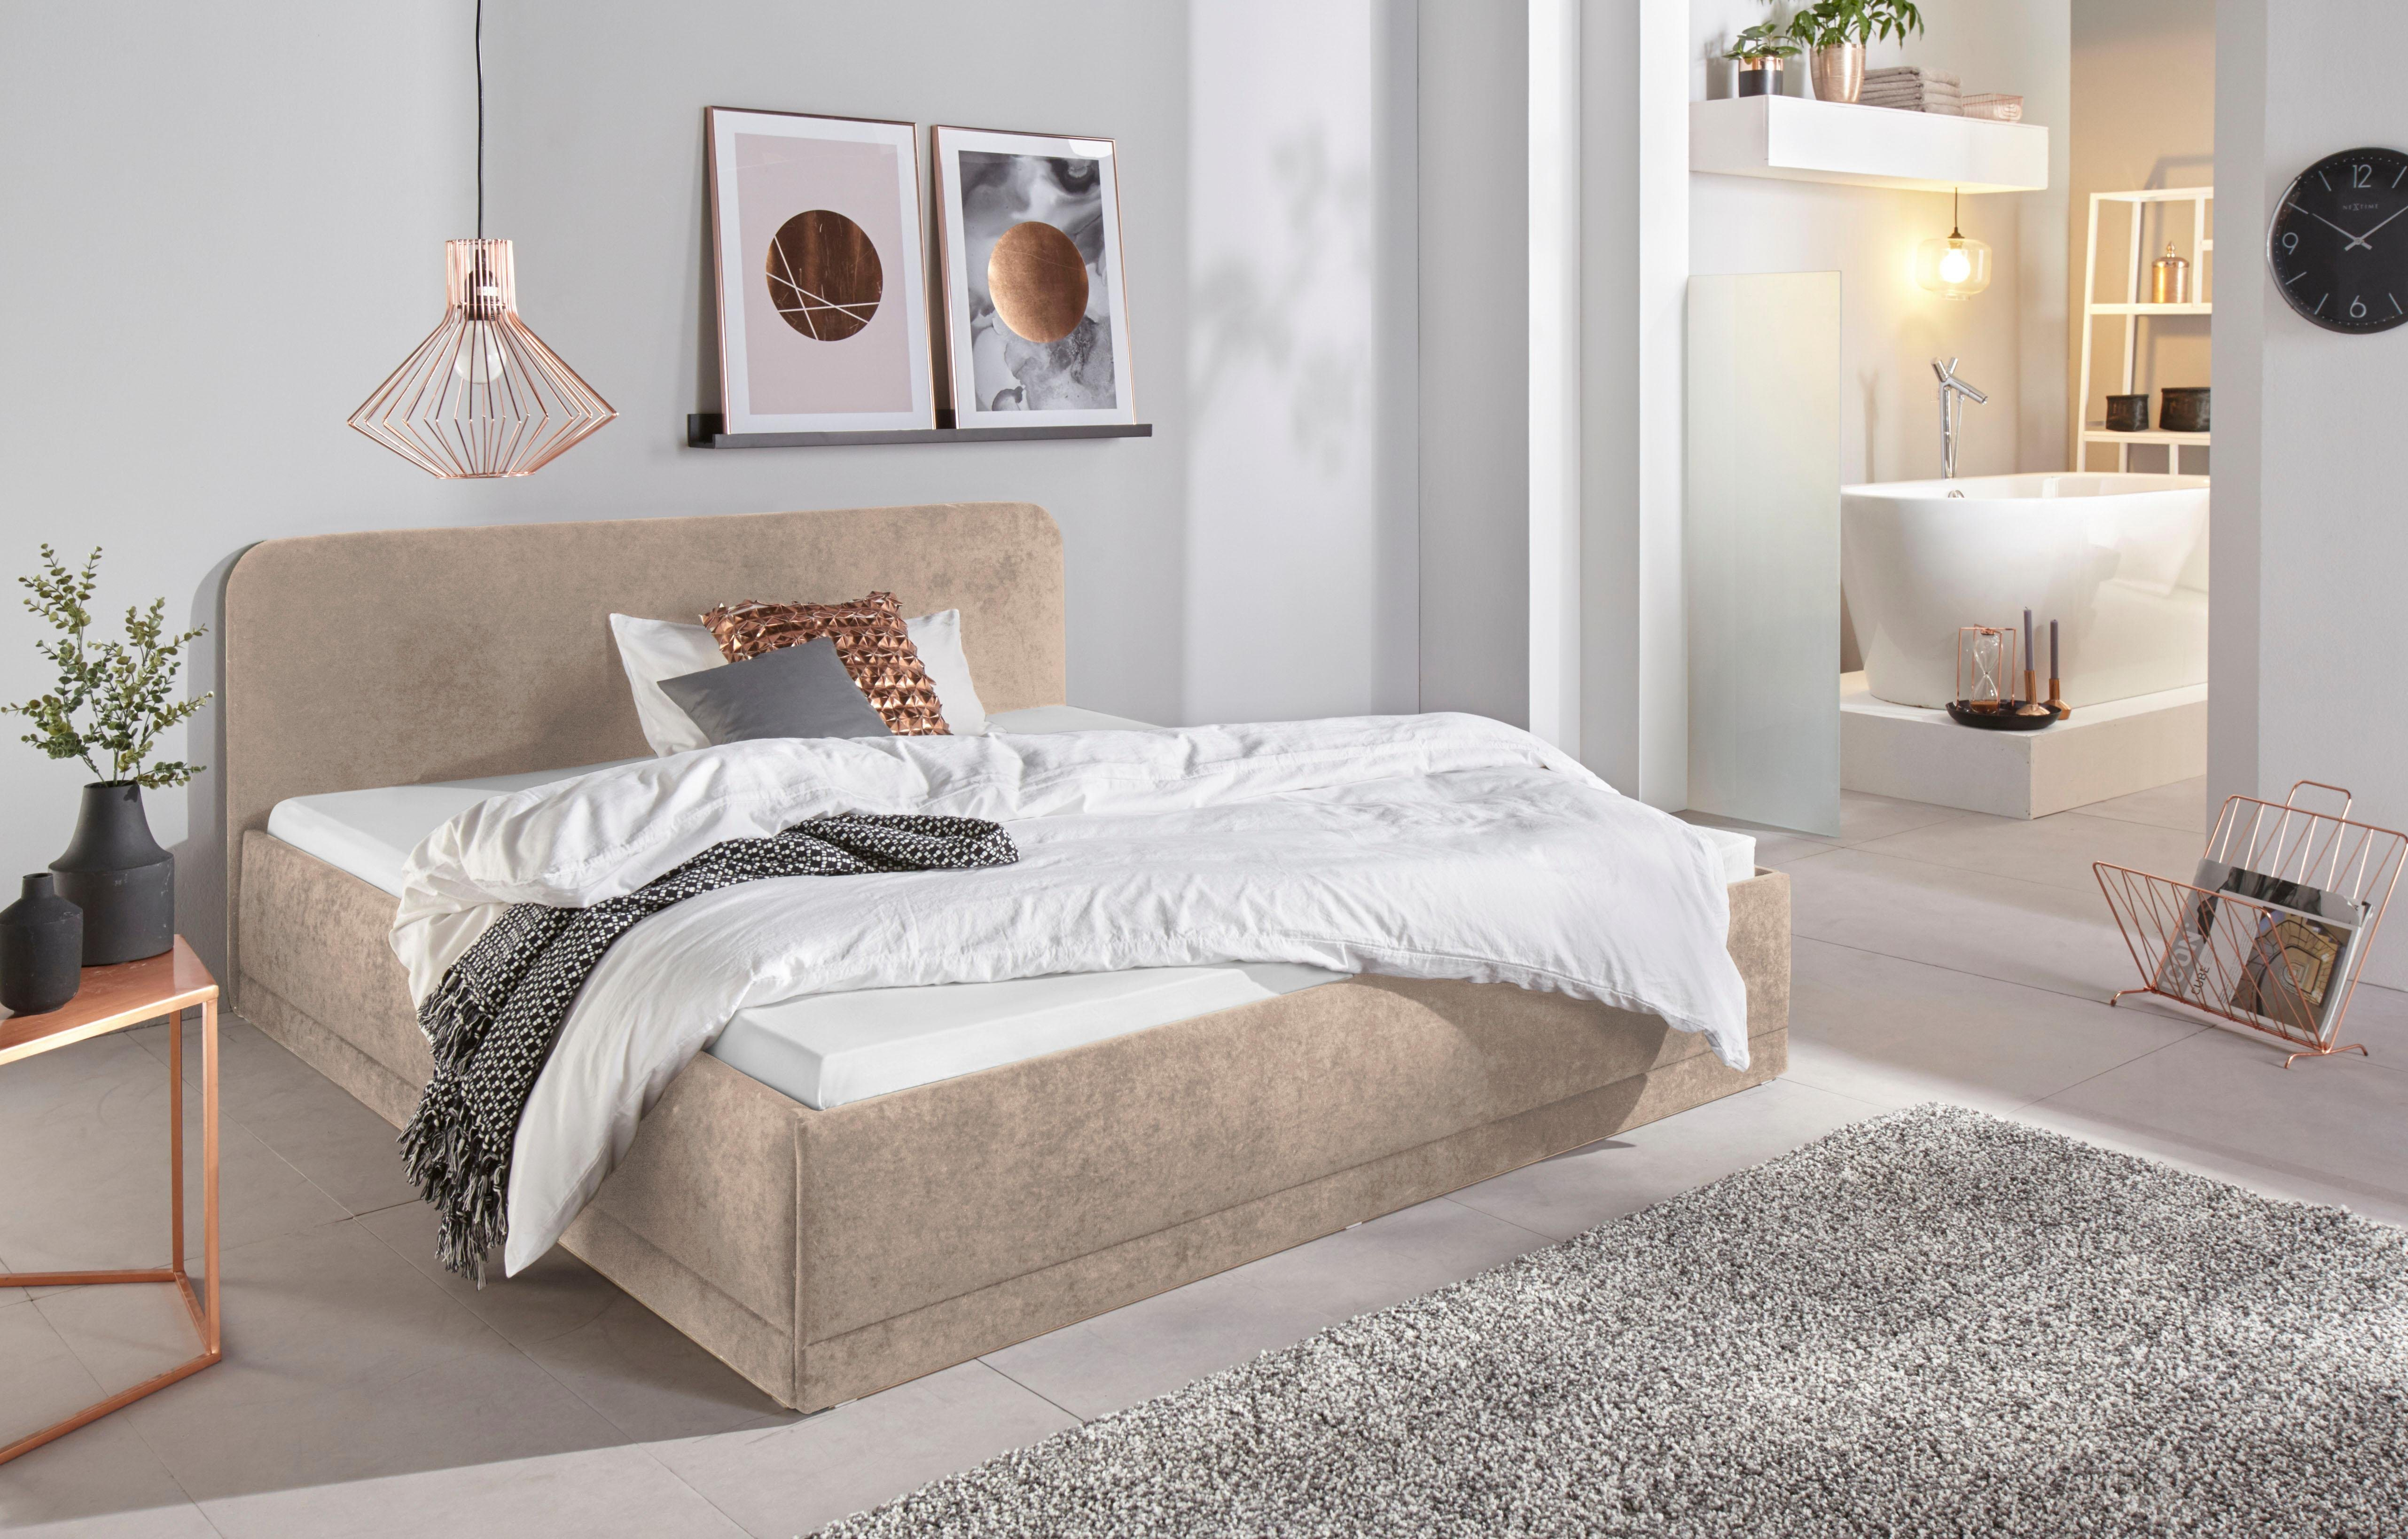 Westfalia Schlafkomfort Polsterbett, in 3 Bezugsqualitäten   Schlafzimmer   Strukturstoff - Kunstleder   Westfalia Schlafkomfort